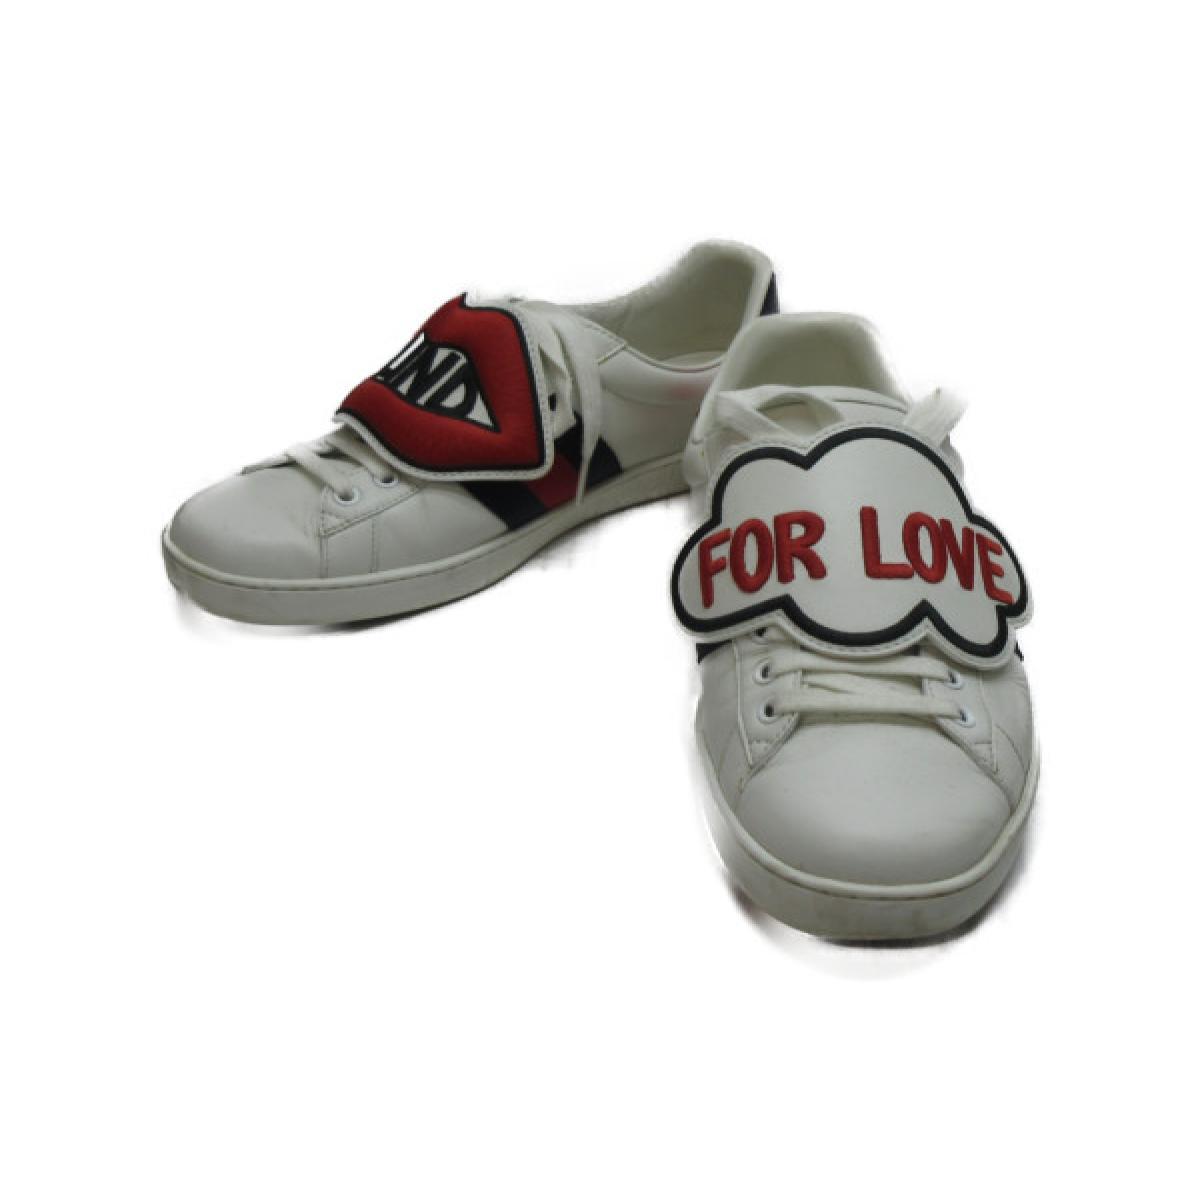 【中古】 グッチ スニーカー メンズ レザー   GUCCI くつ 靴 スニーカー 美品 ブランドオフ